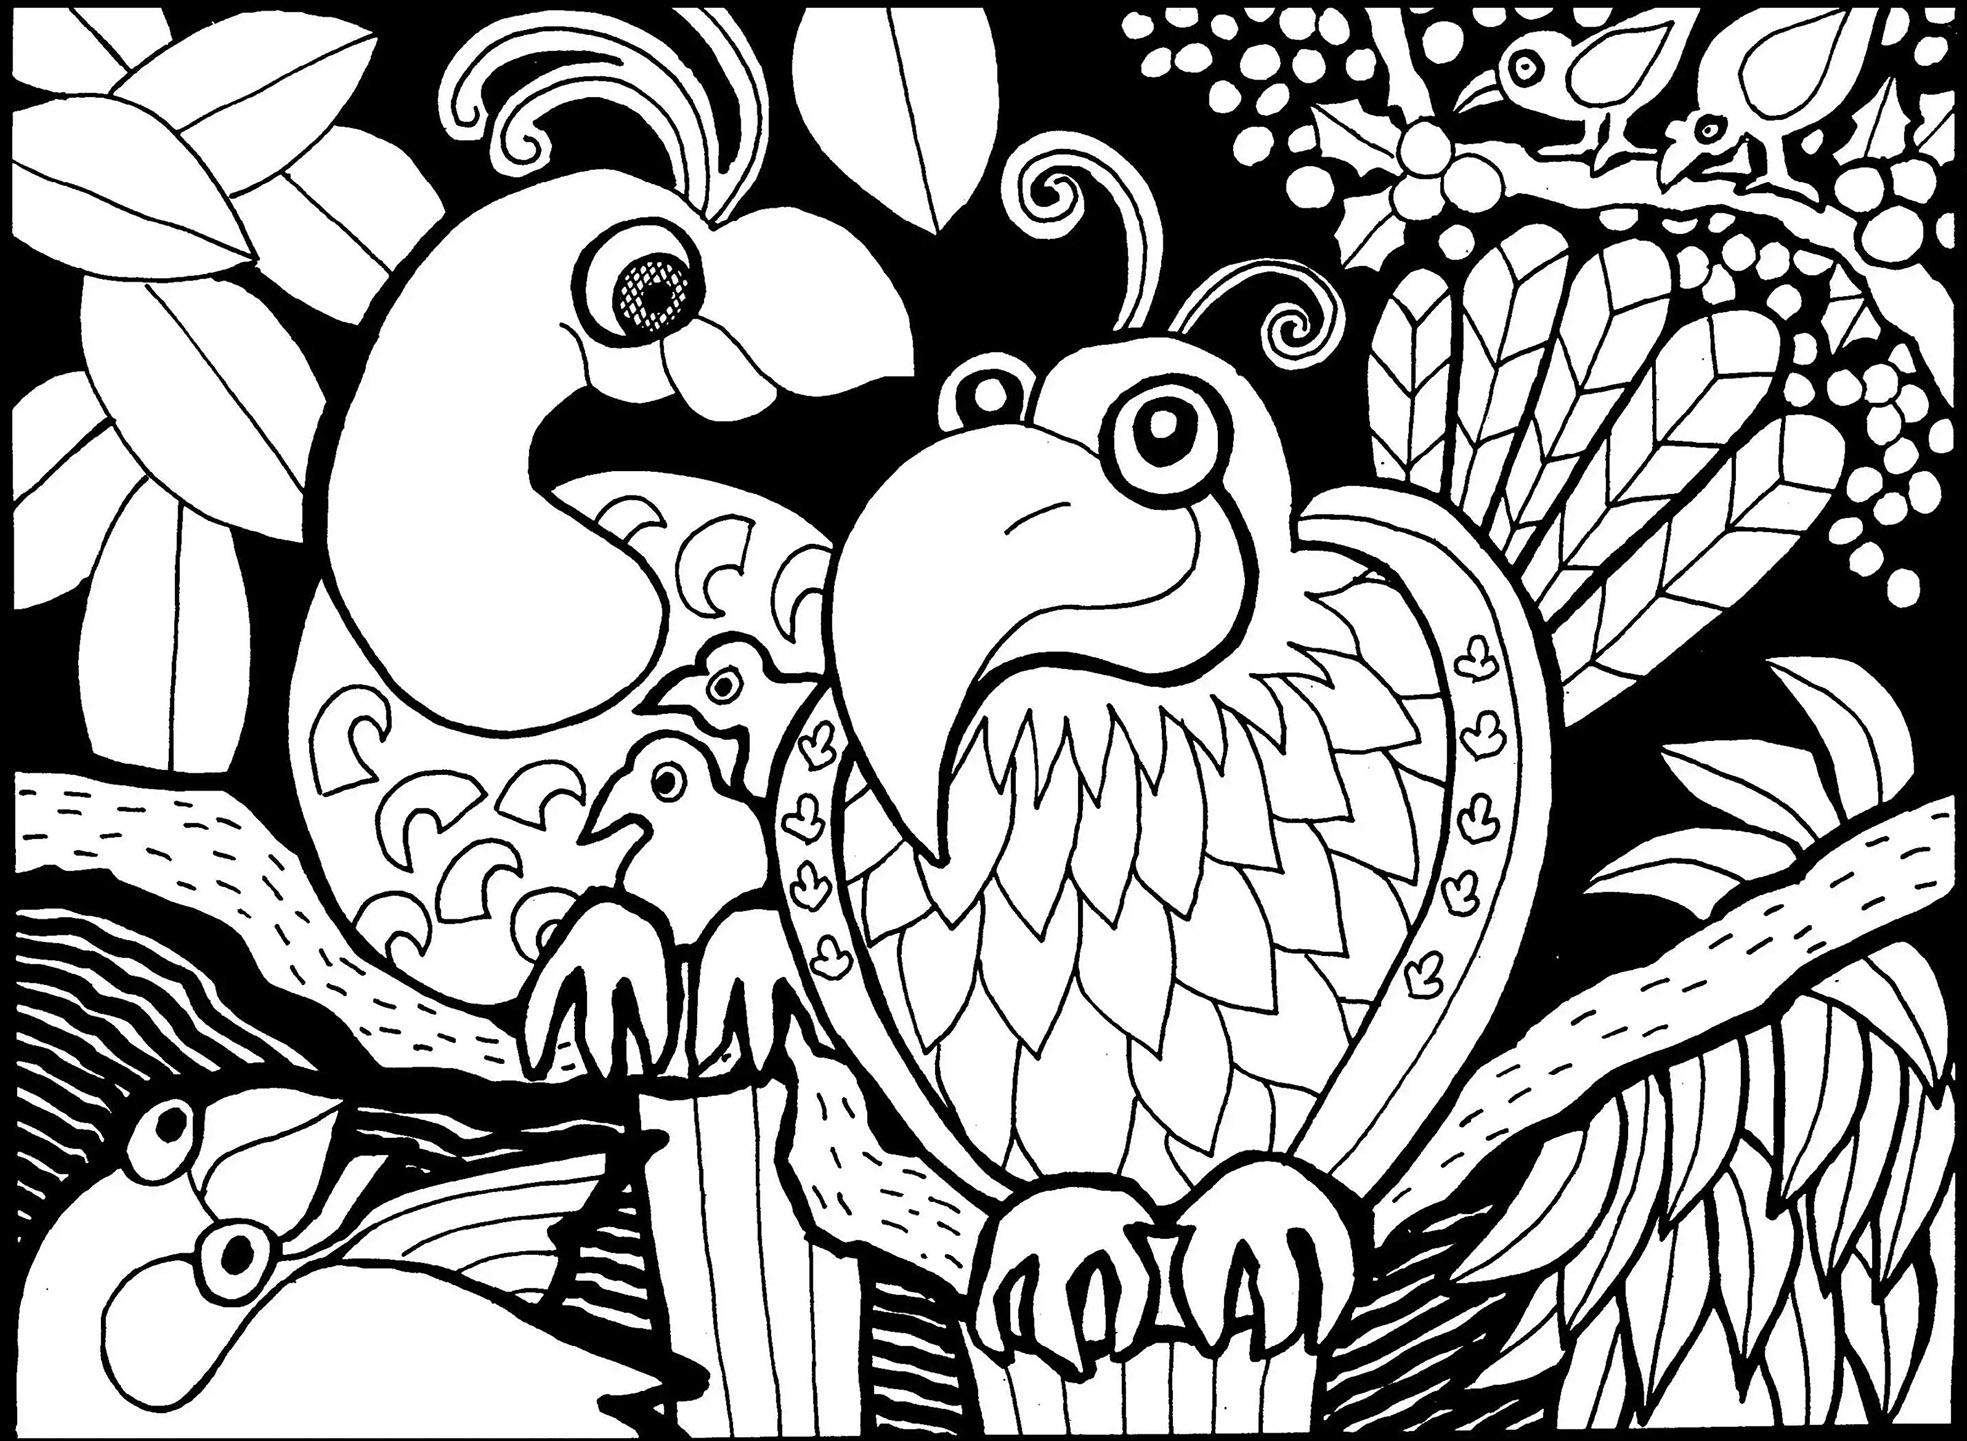 Disegni da colorare per adulti : Uccelli - 5